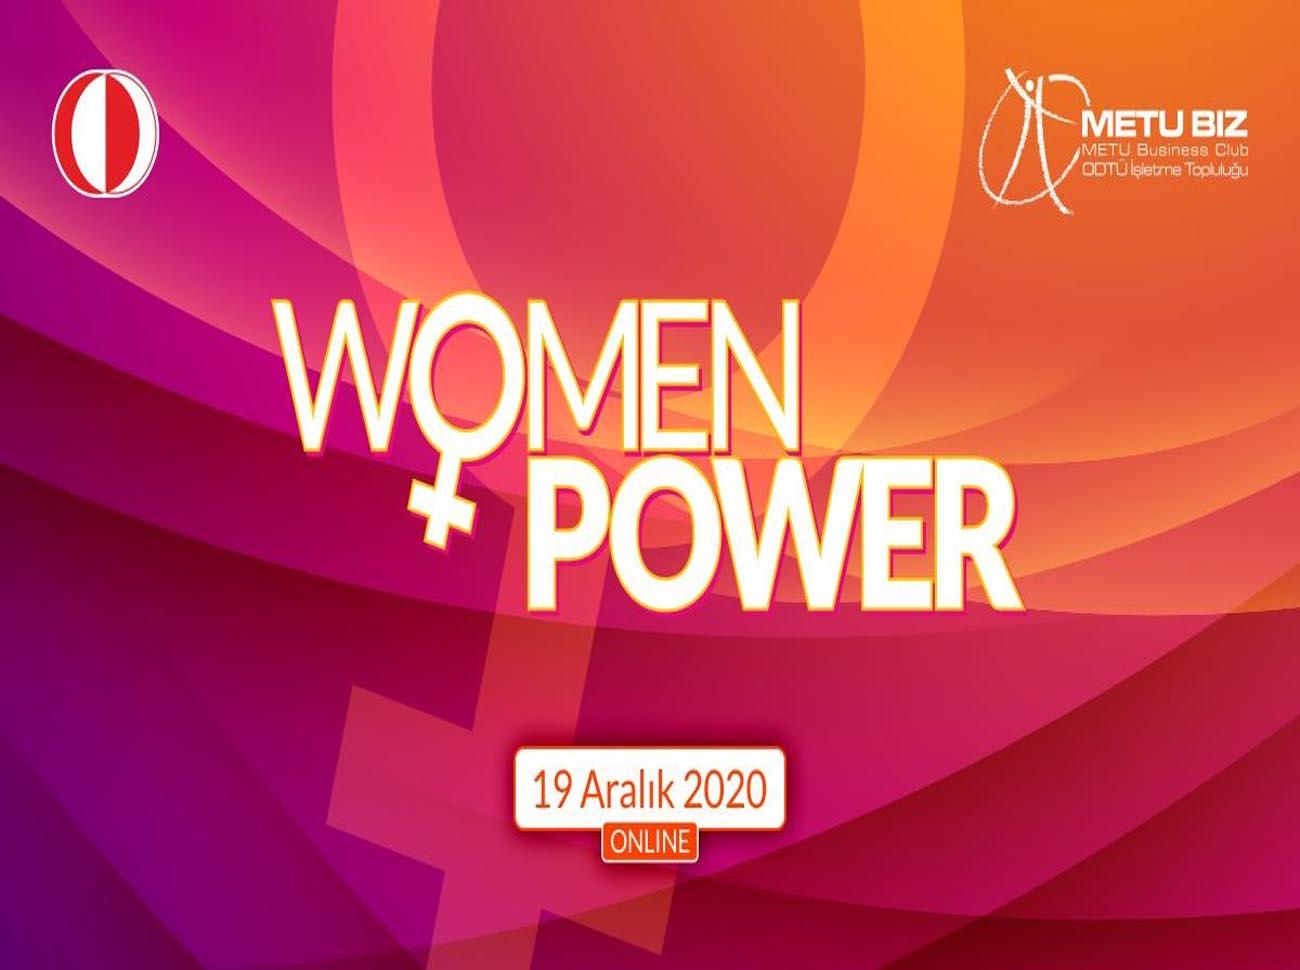 Women Power Etkinliği İçin Geri Sayım